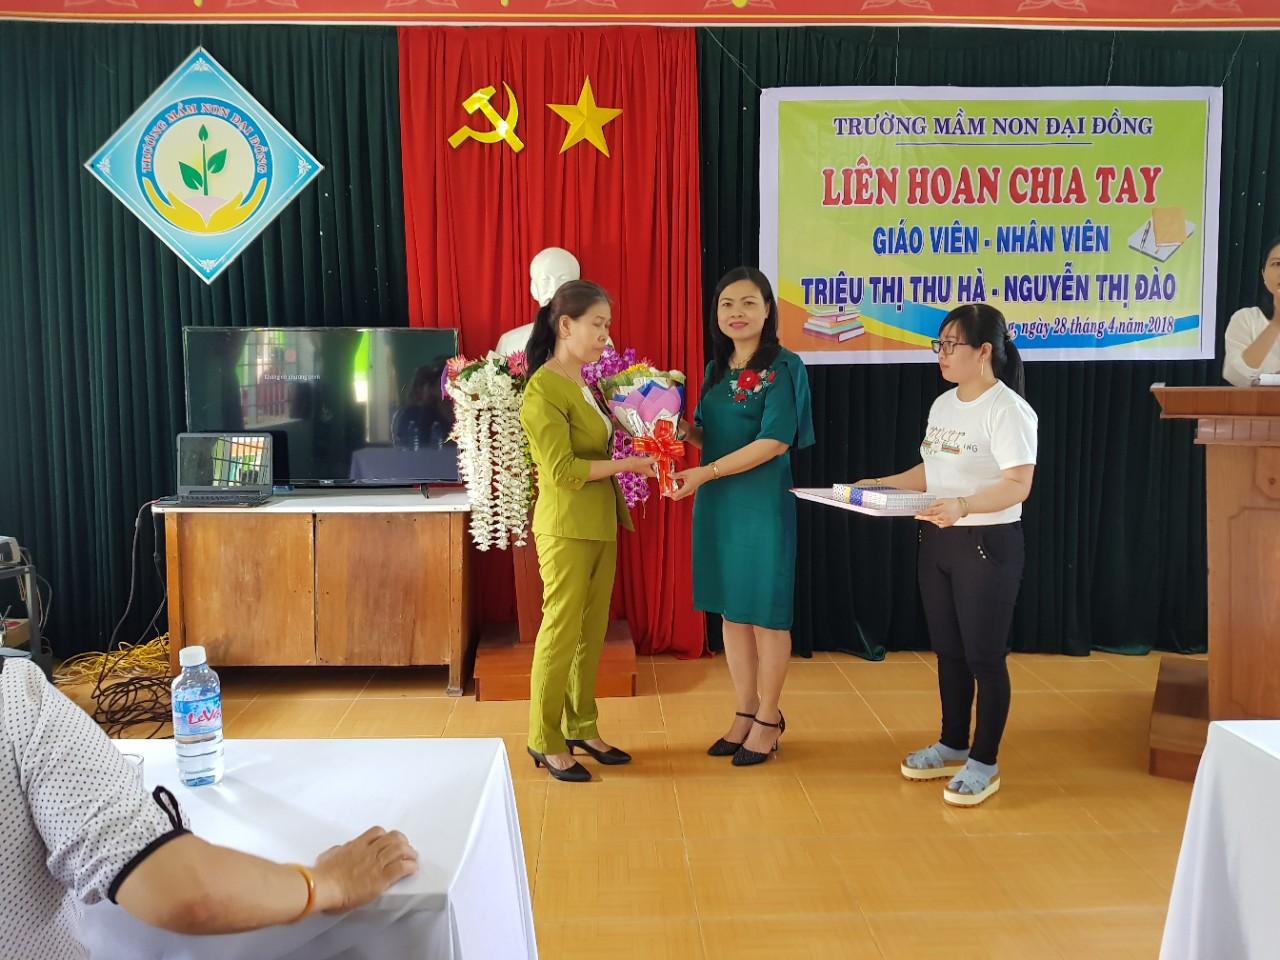 Trường MN Đại Đồng tổ chức gặp mặt chia tay cô Nguyễn Thị Đào về hưu